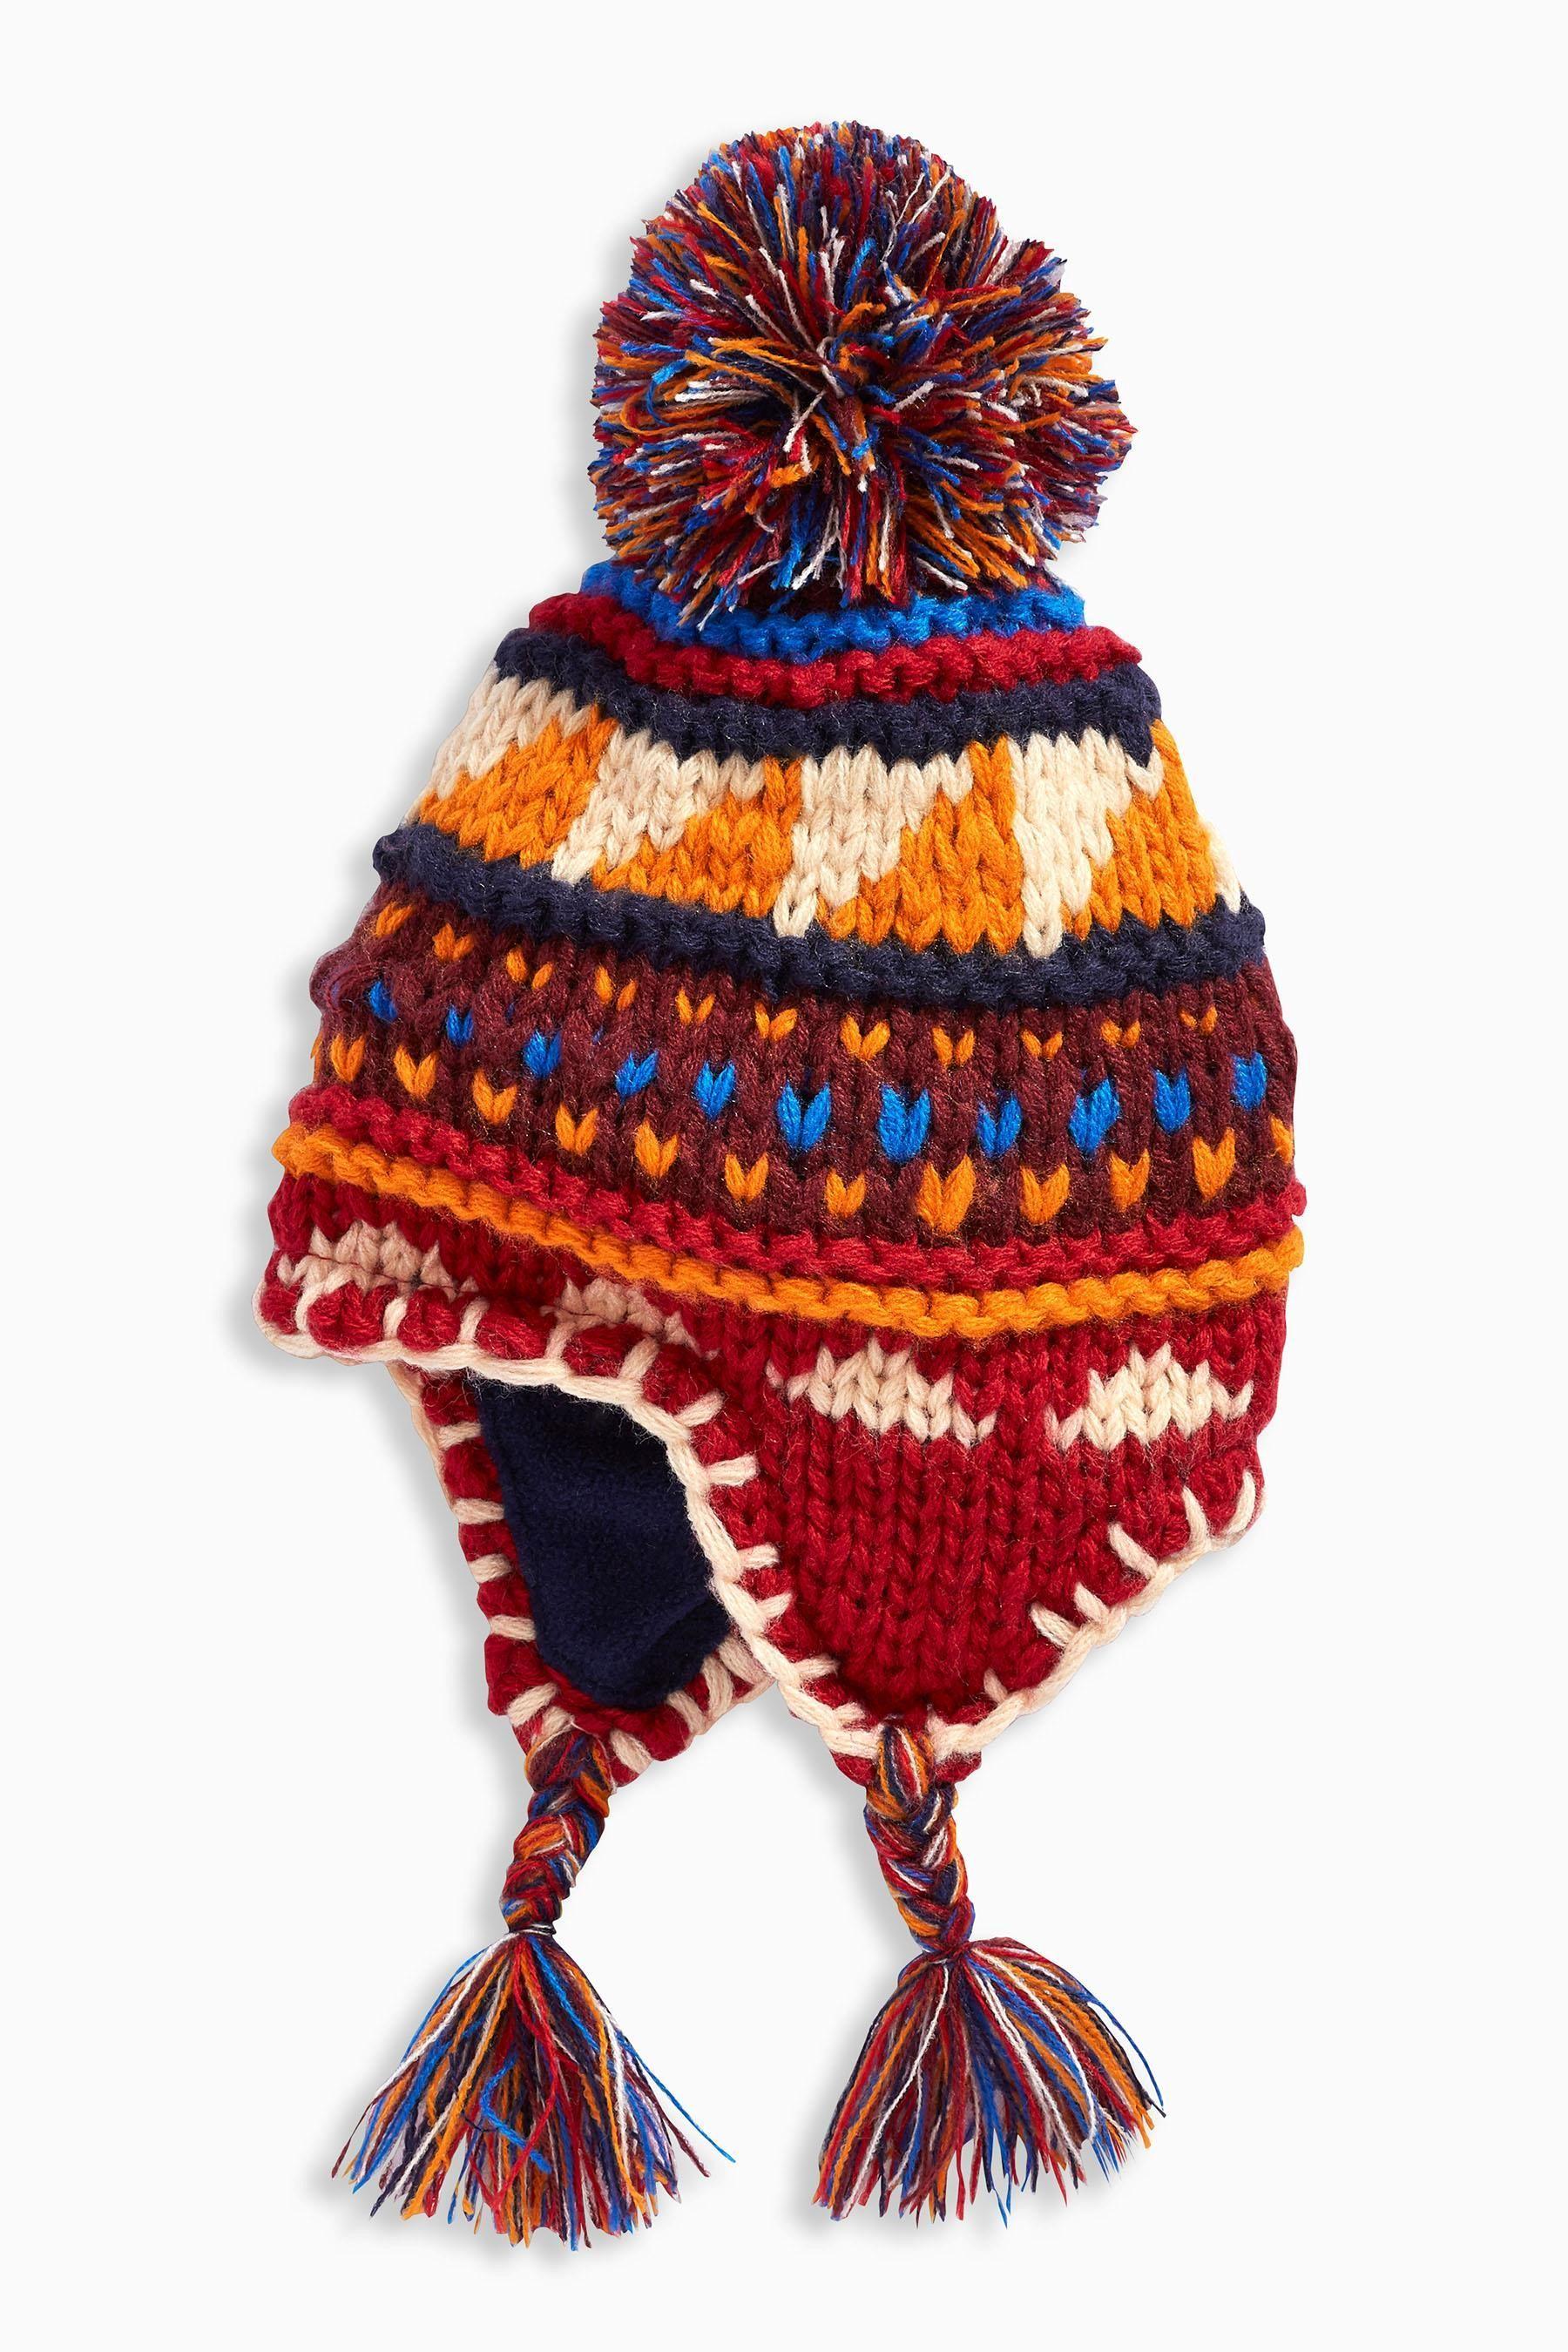 53244b912a9 Купить Вязаная шапка в стиле инков (3 мес.-6 лет) - Покупайте прямо ...